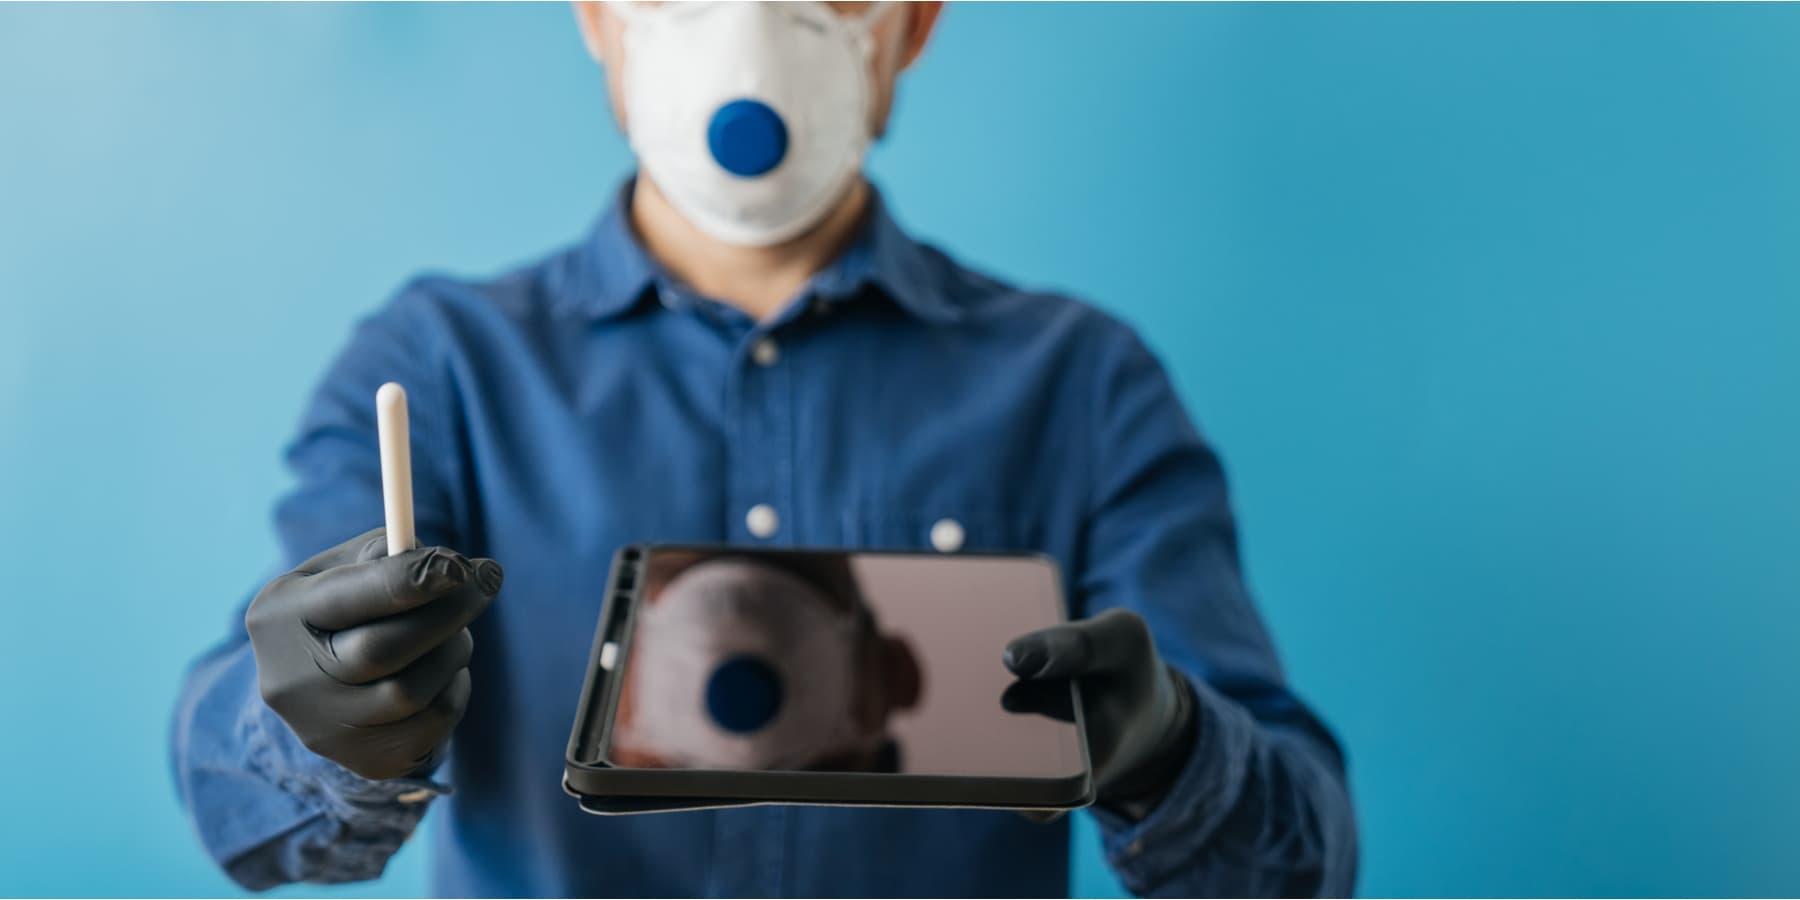 DocuSign Aktie Corona Rausch - Mann mit Mundschutz und Handschuhen hält iPad und Stift zur digitalen Unterschrift